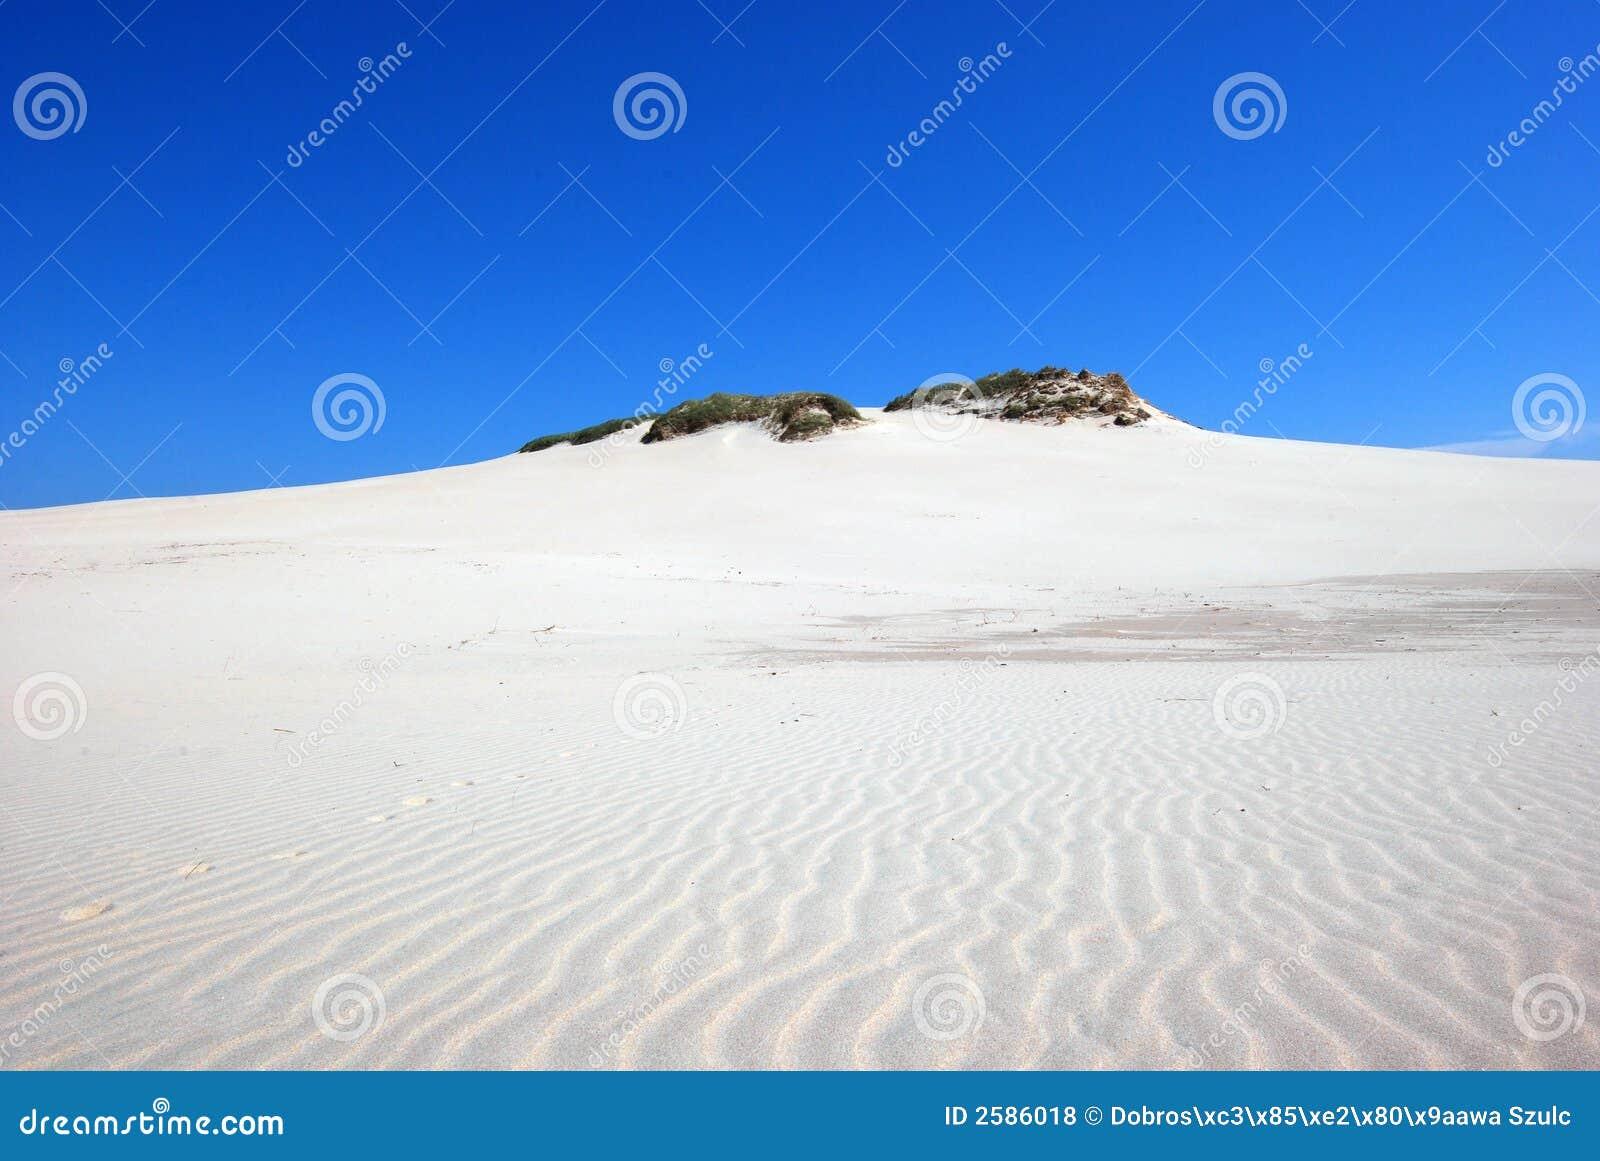 Sanddünen auf der Wüste